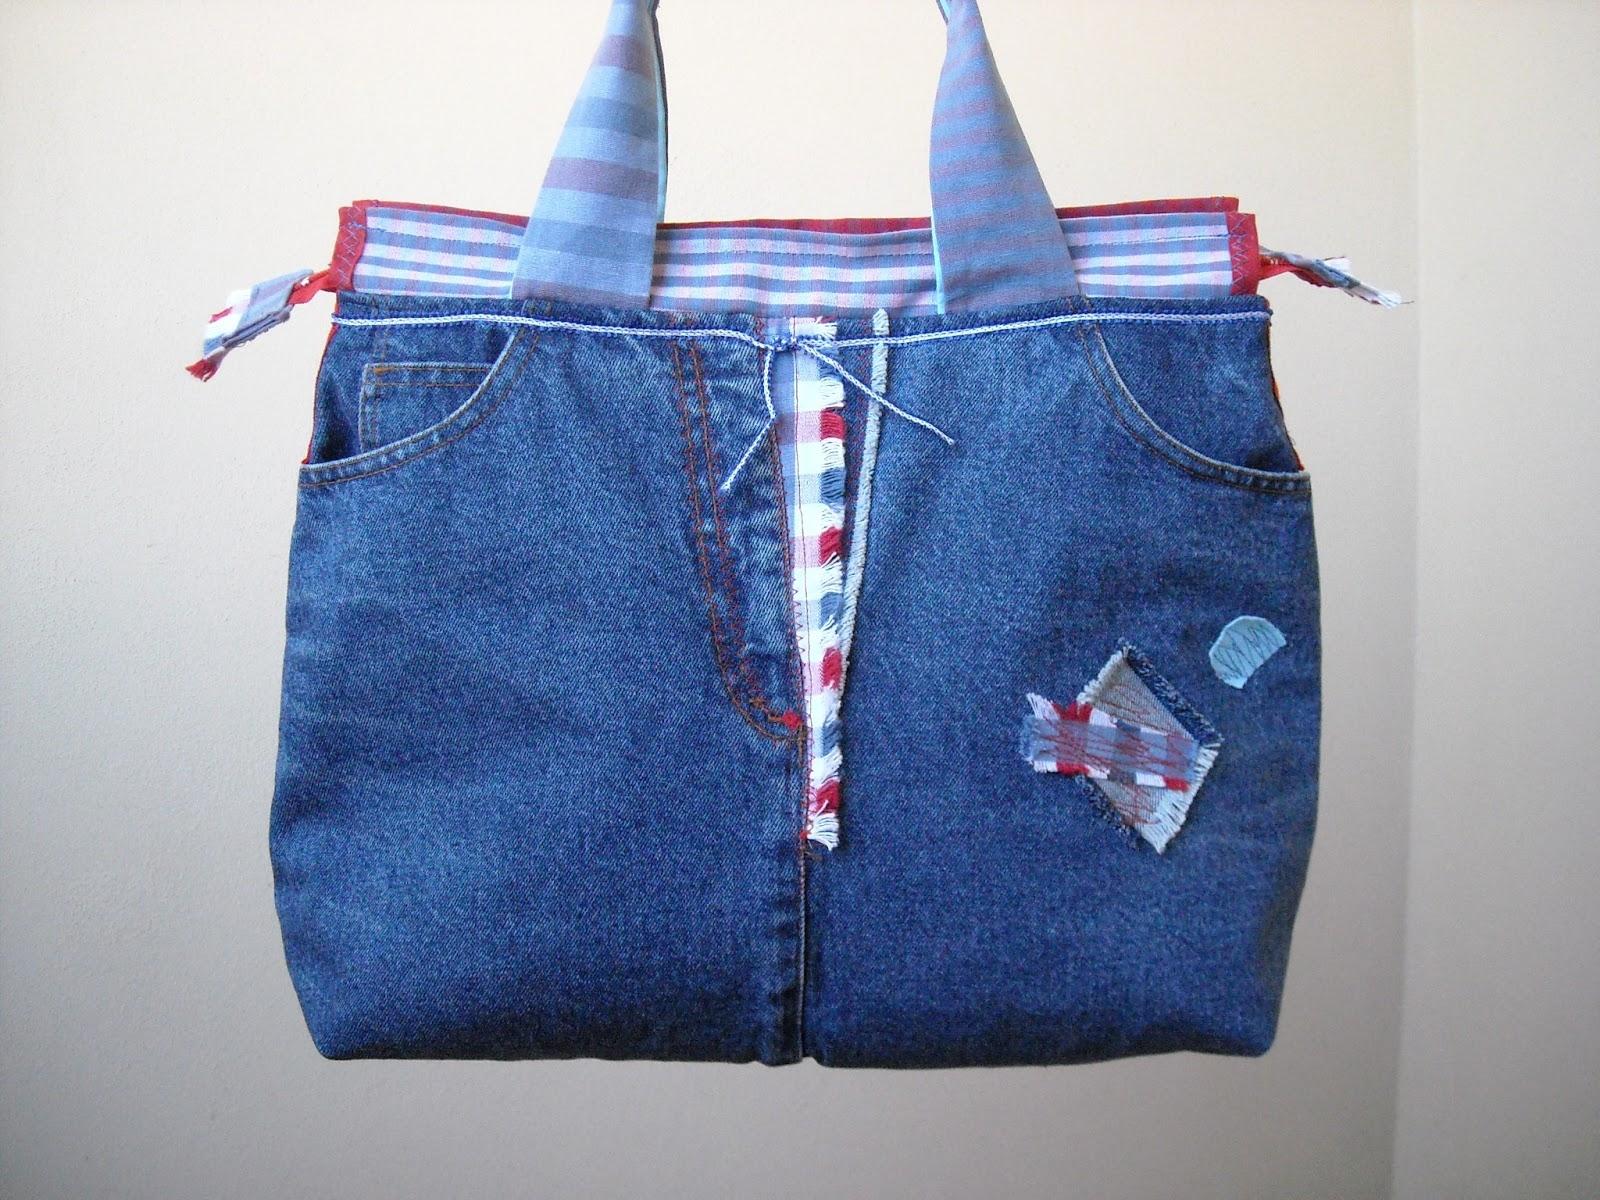 Zaini e borse fai da te con jeans riciclati terra nuova for Borse fai da te jeans